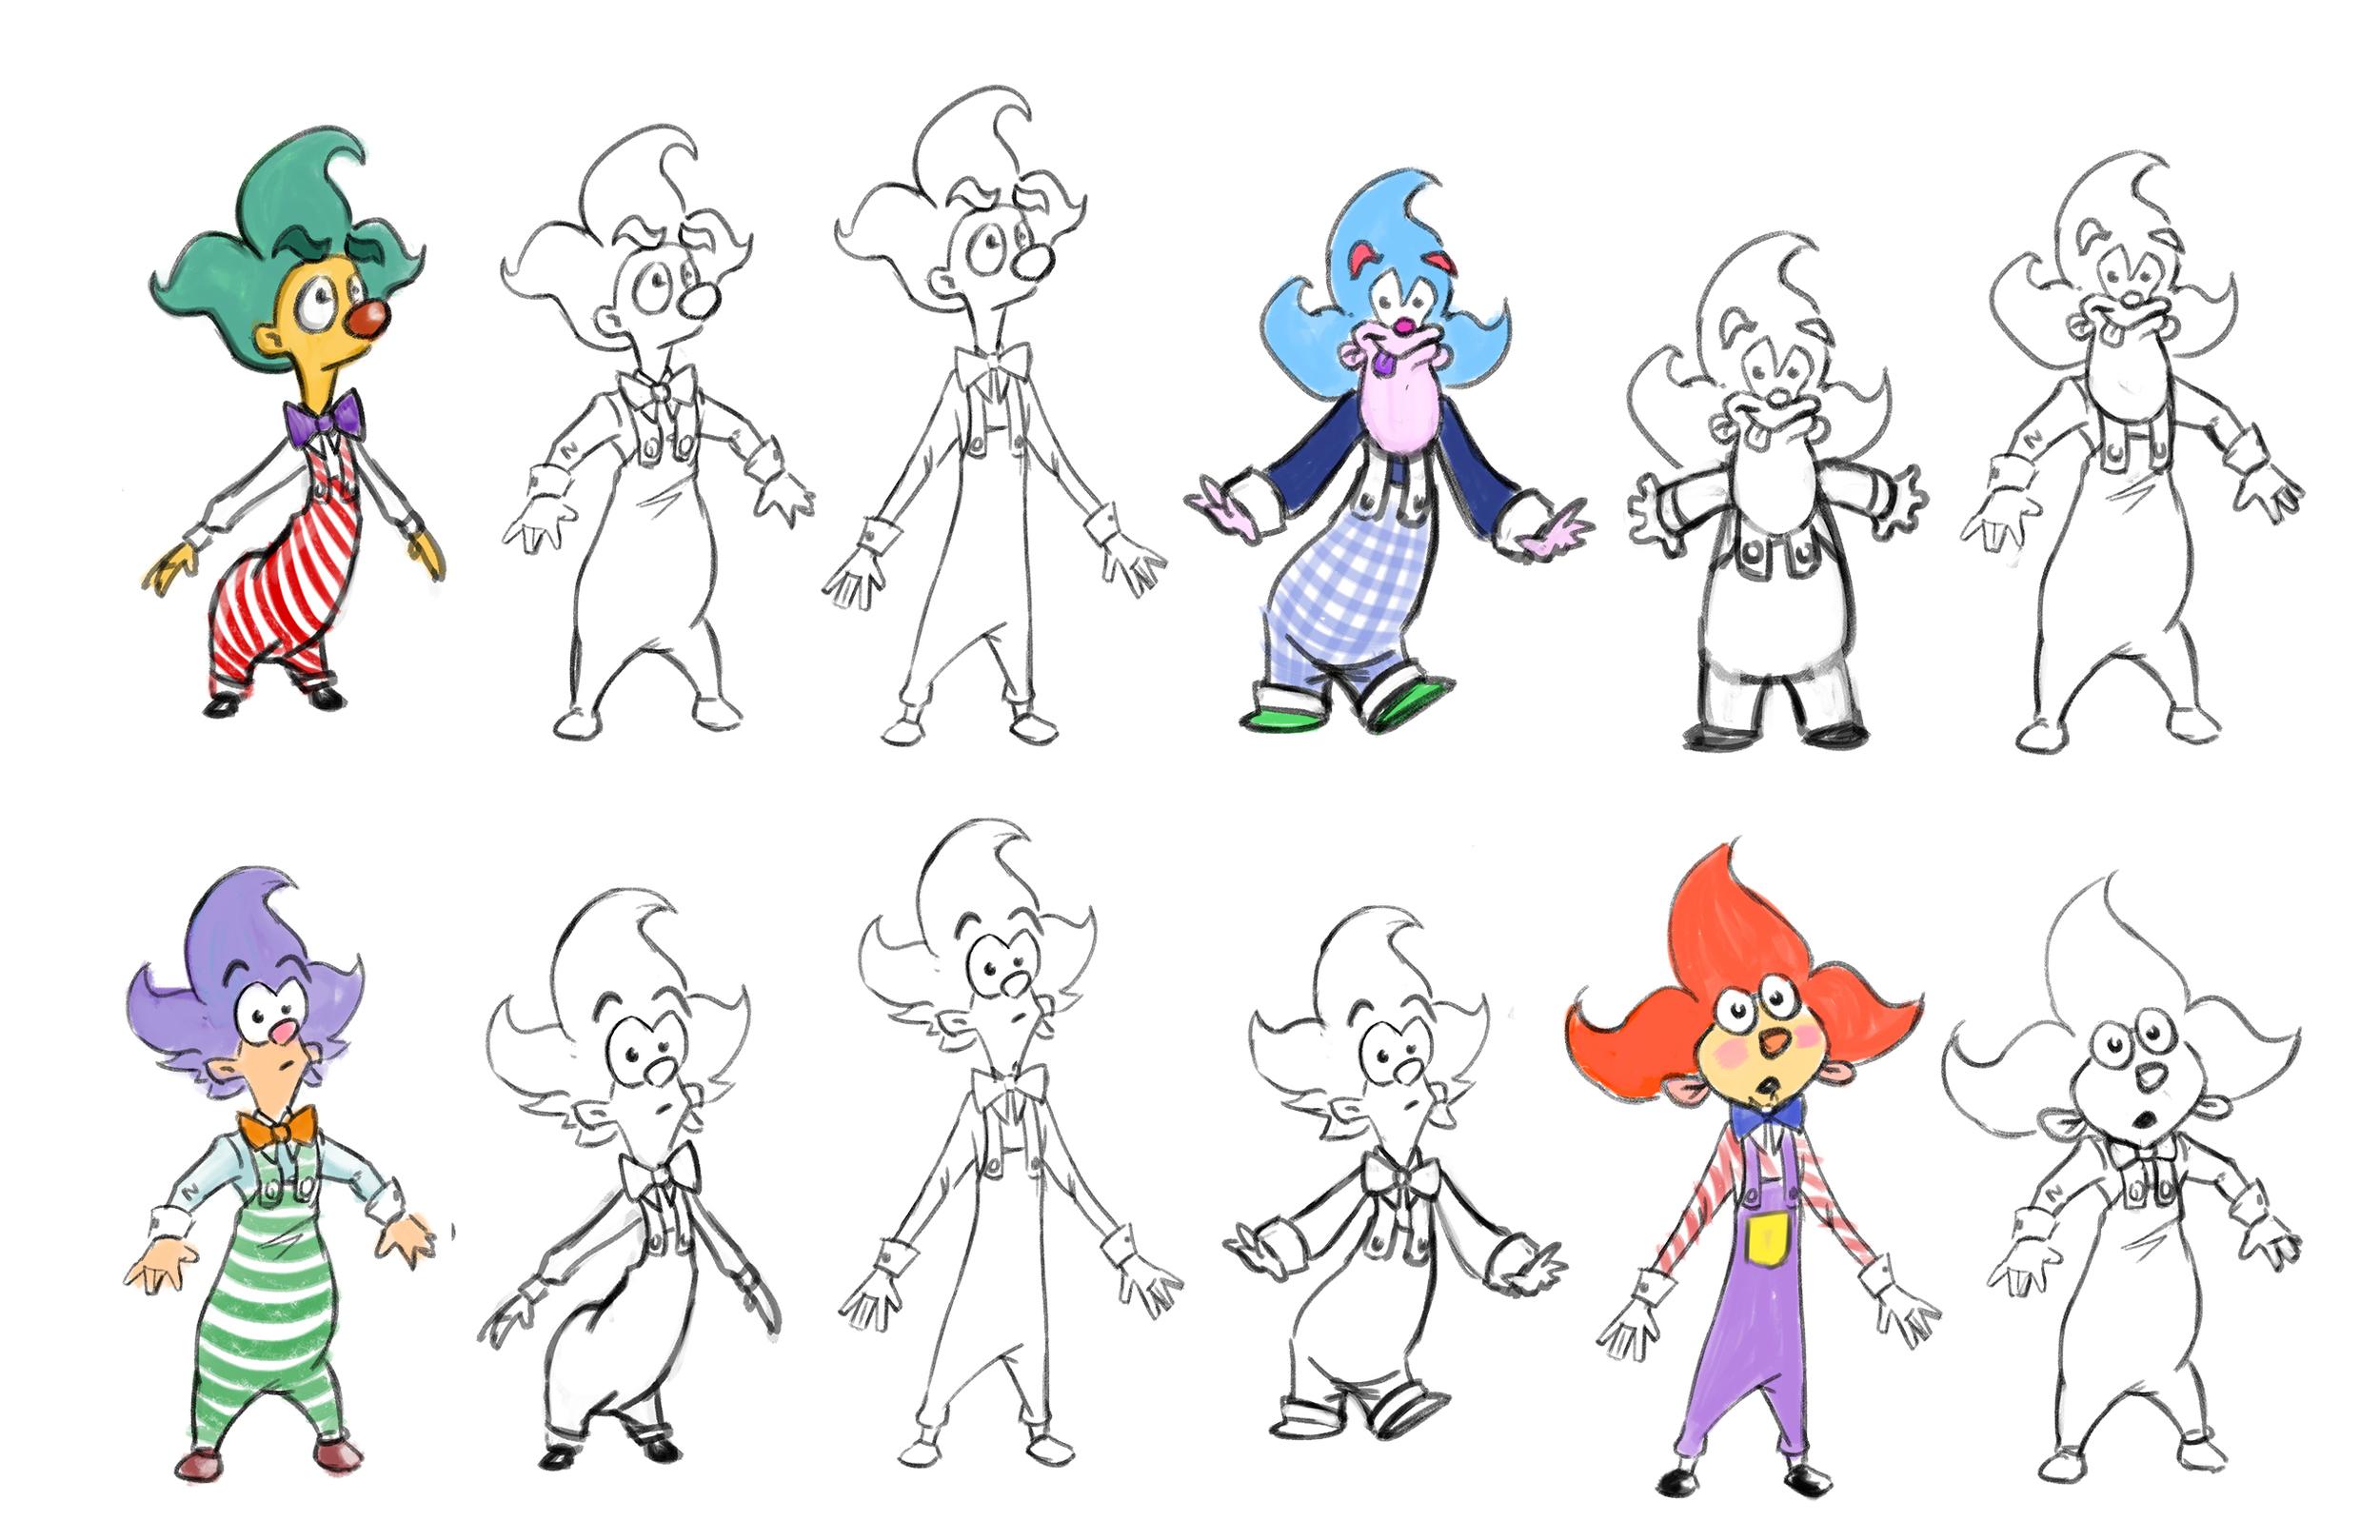 Oompa Loompas Sketches 2.jpg